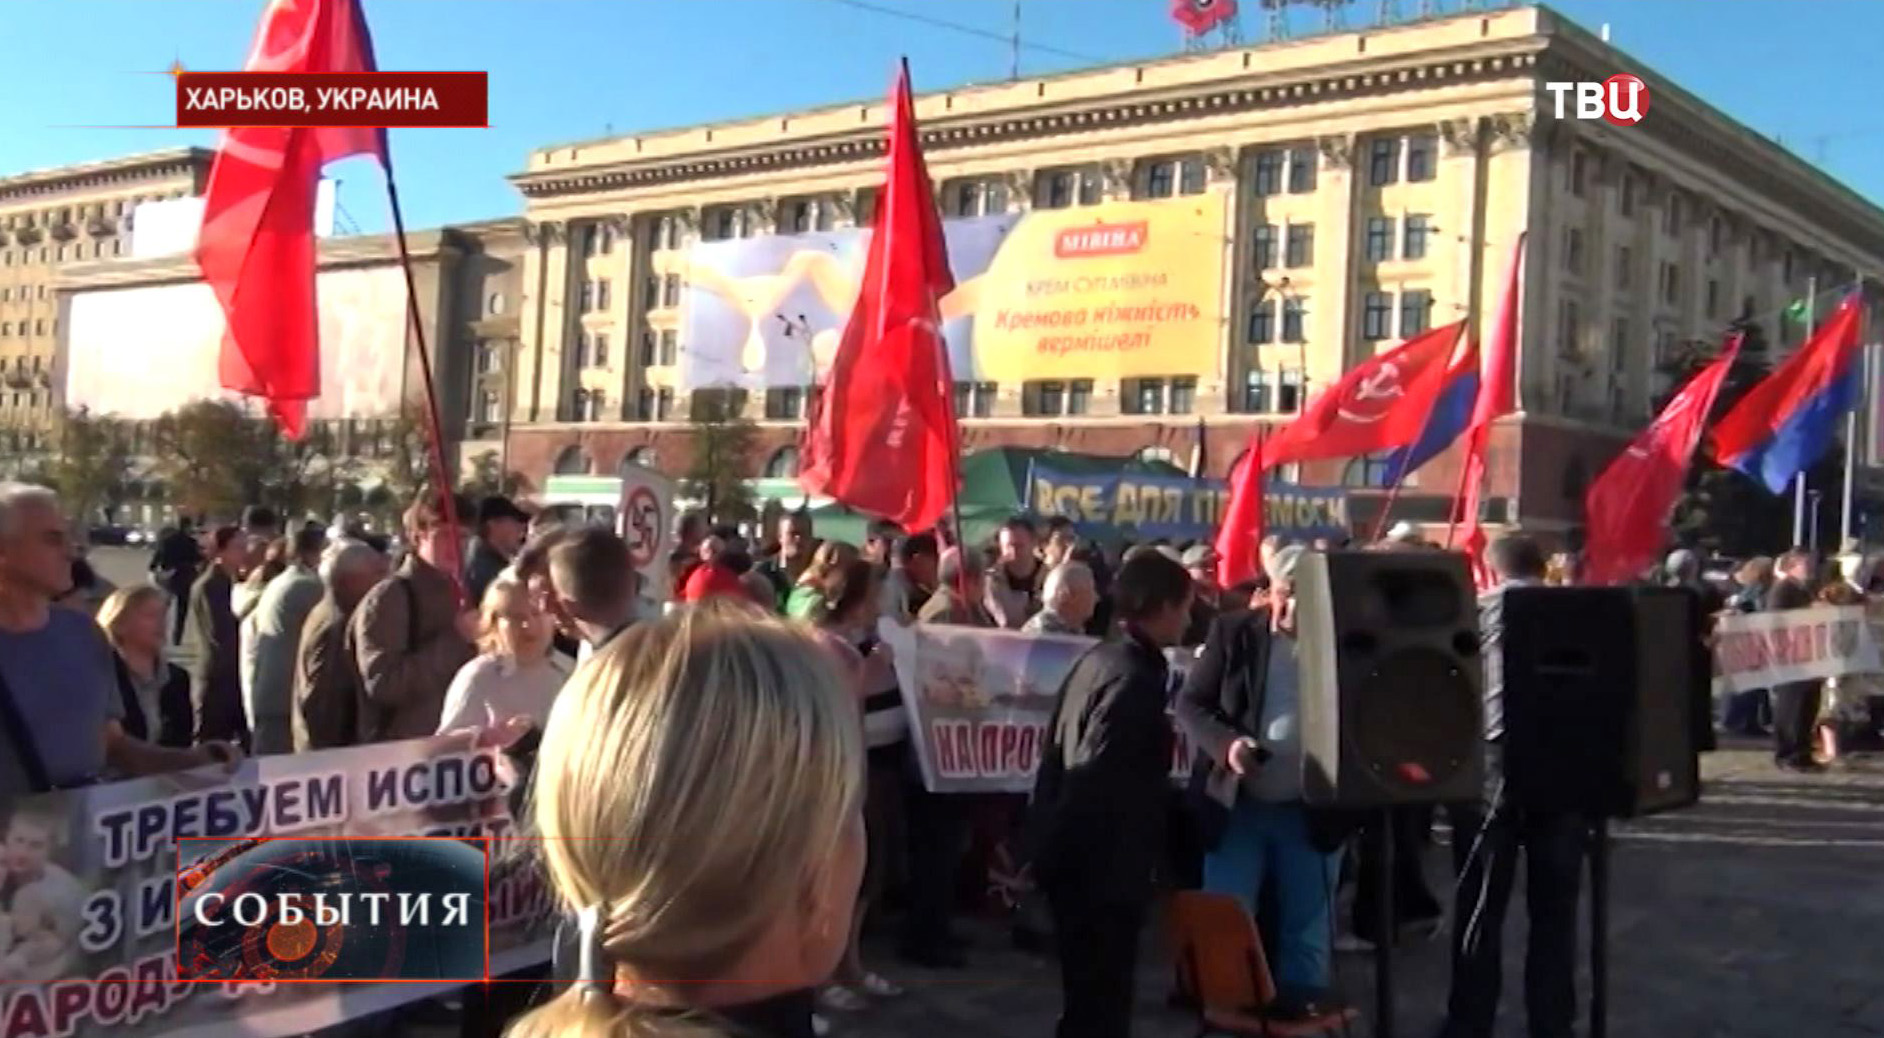 Cтолкновения сторонников и противников федерализации Украины